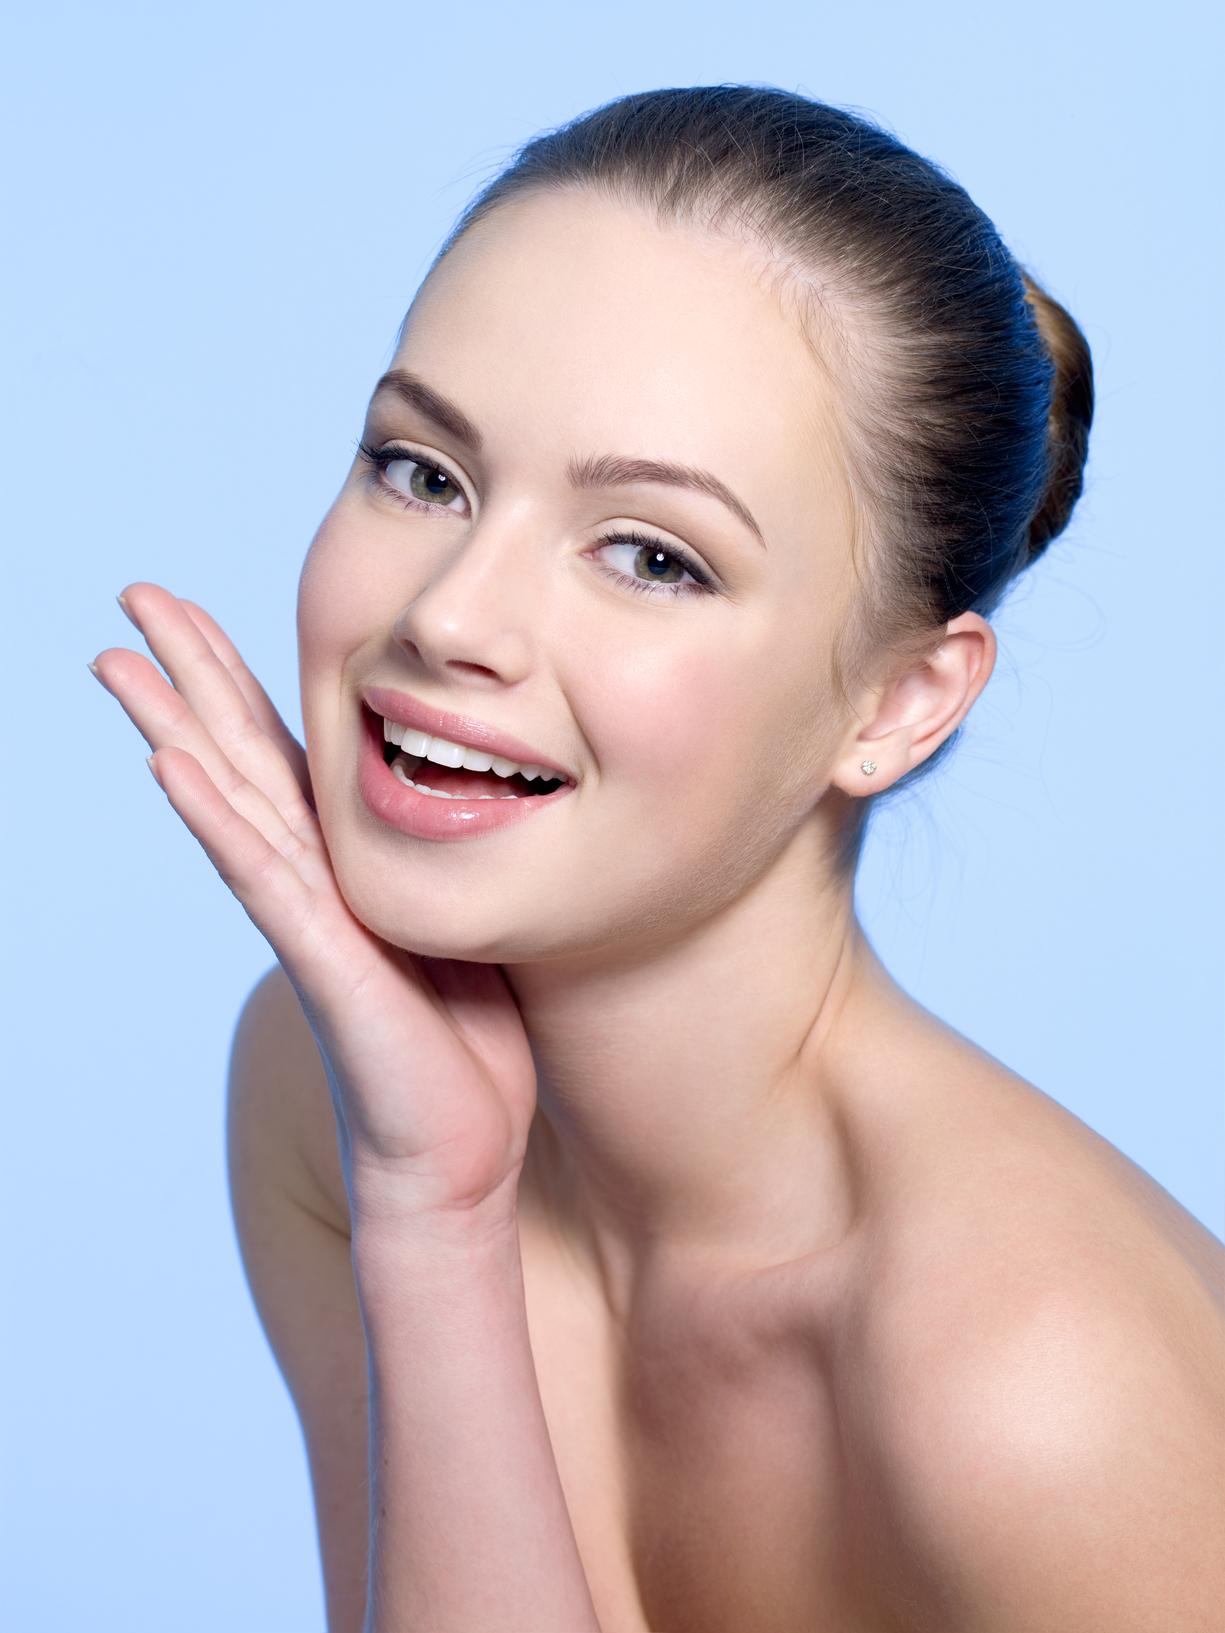 Средства с ретинолом не только стягивают поры, но и делают кожу мягкой и гладкой